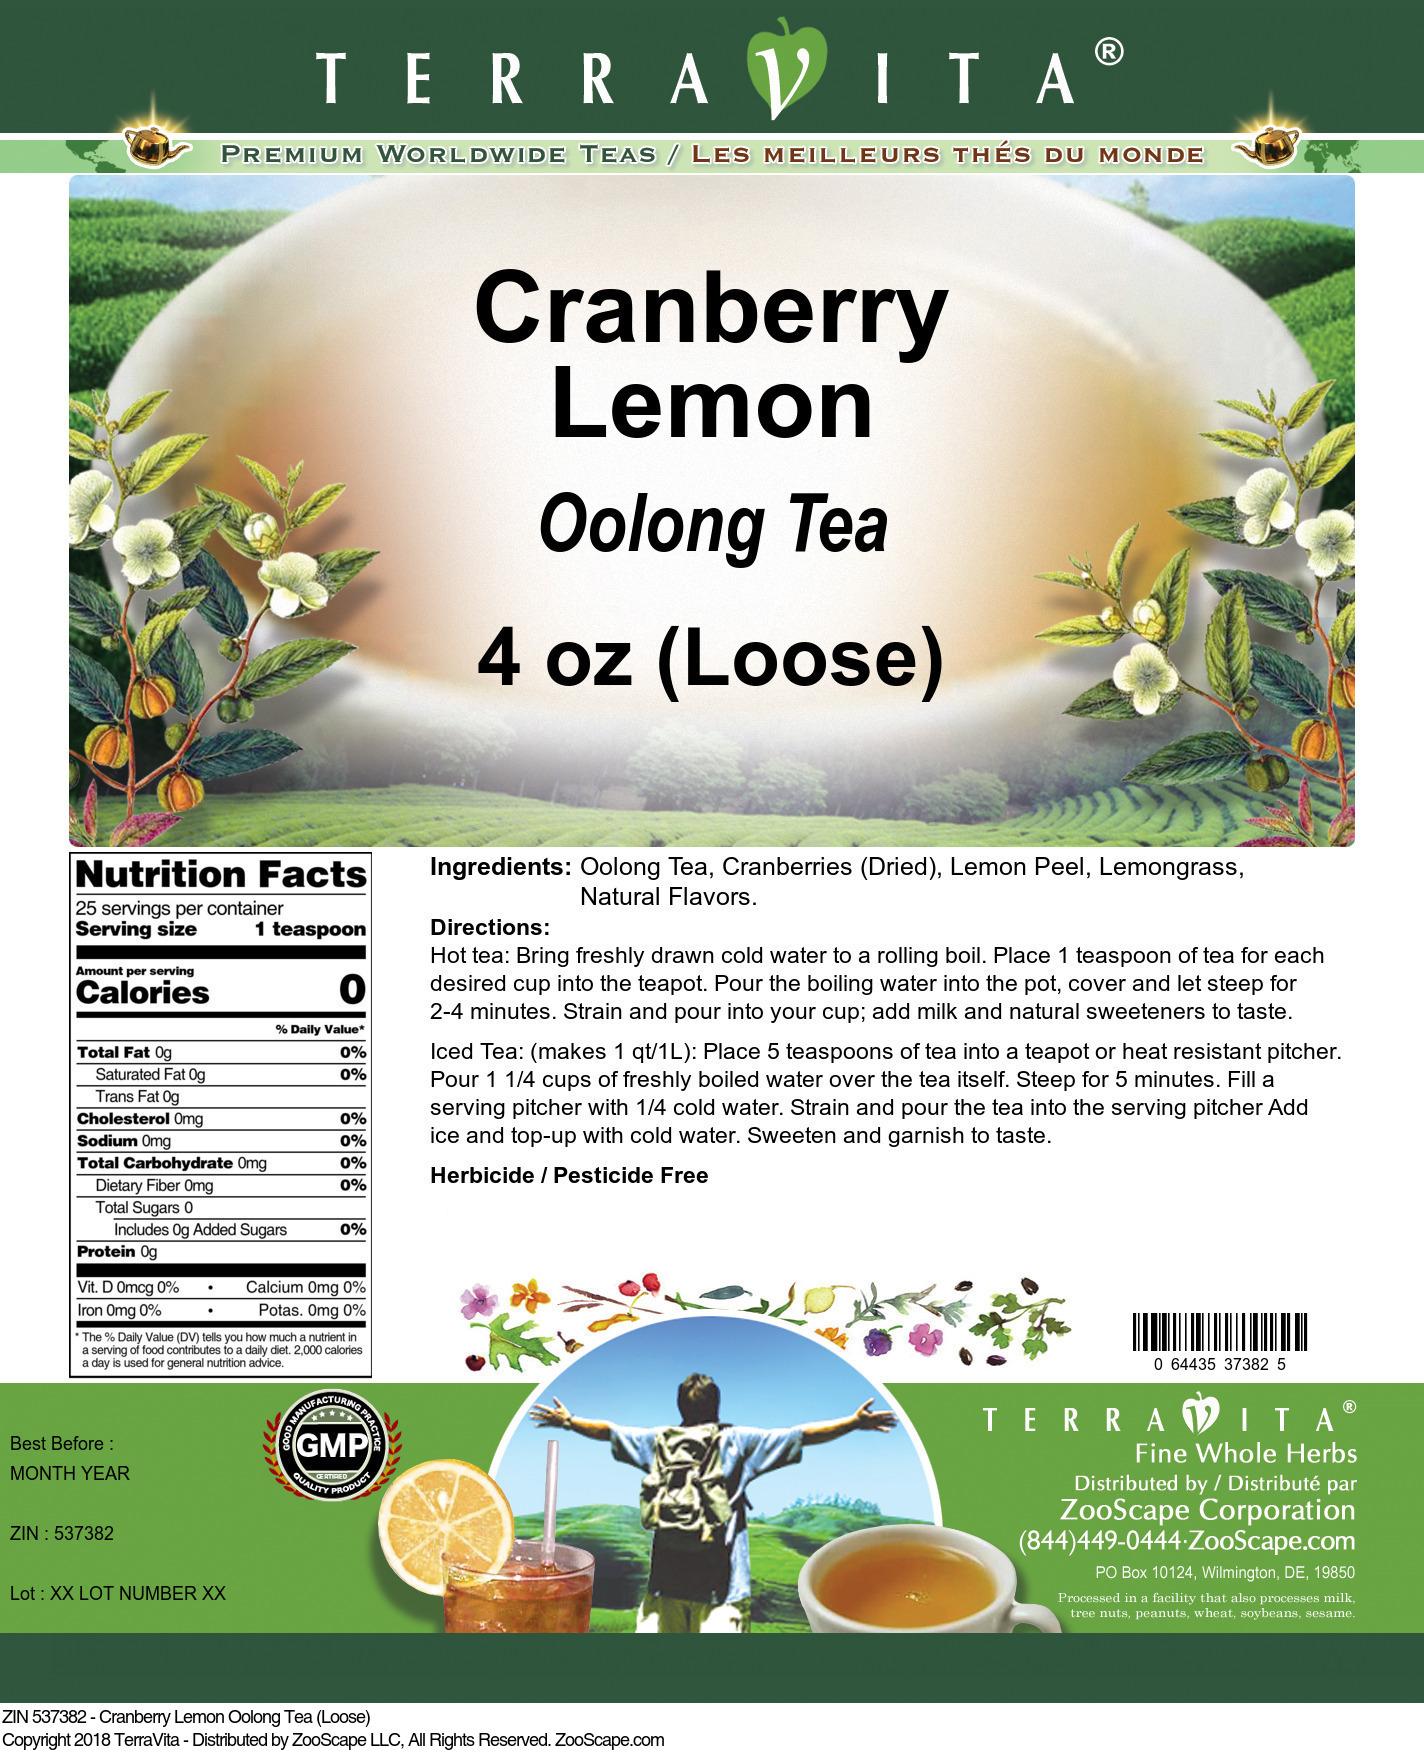 Cranberry Lemon Oolong Tea